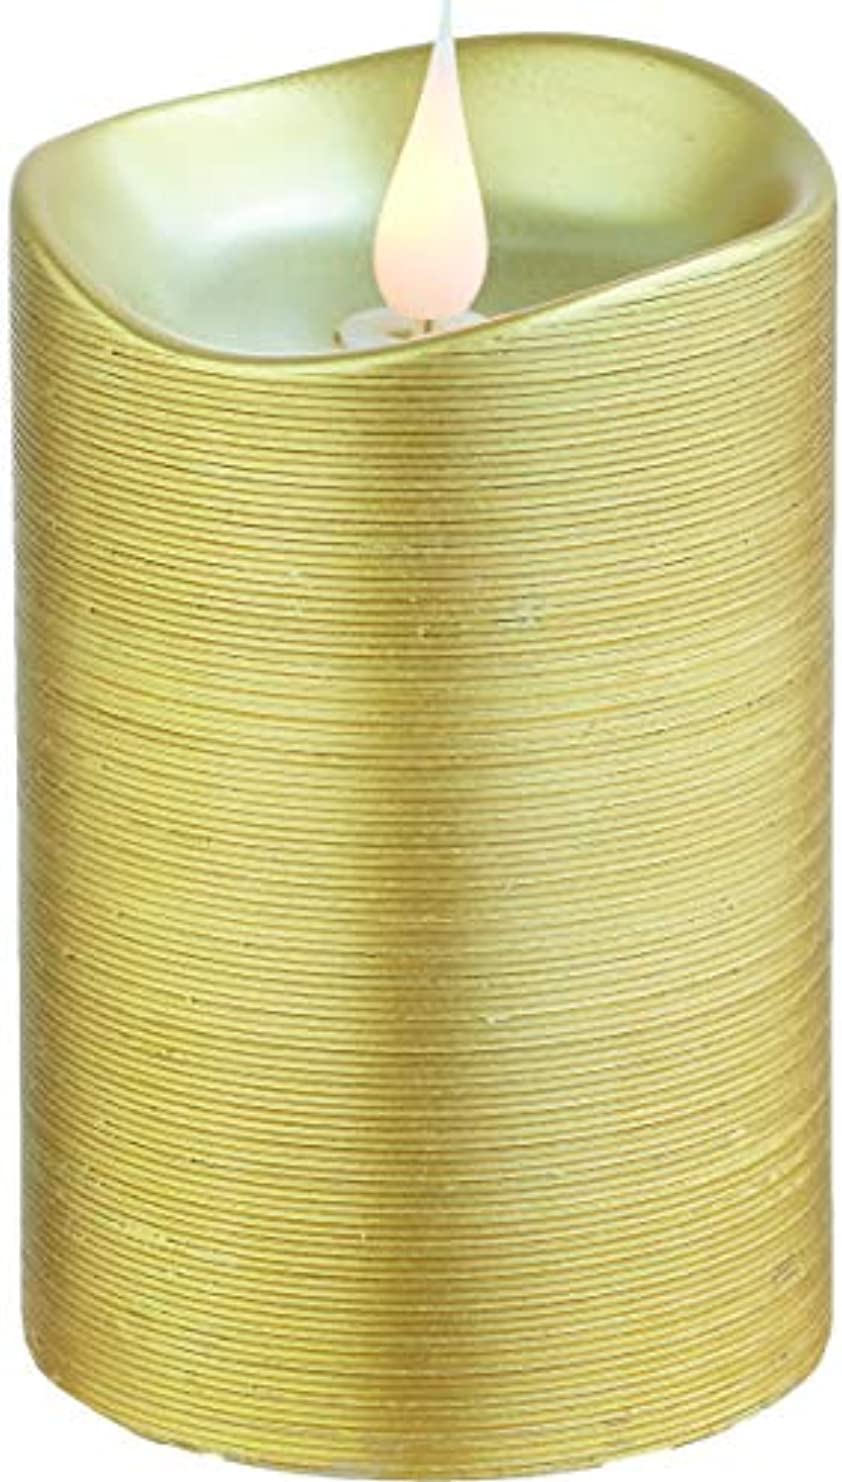 茎クロニクル革命エンキンドル 3D LEDキャンドル ラインピラー 直径7.6cm×高さ13.5cm ゴールド